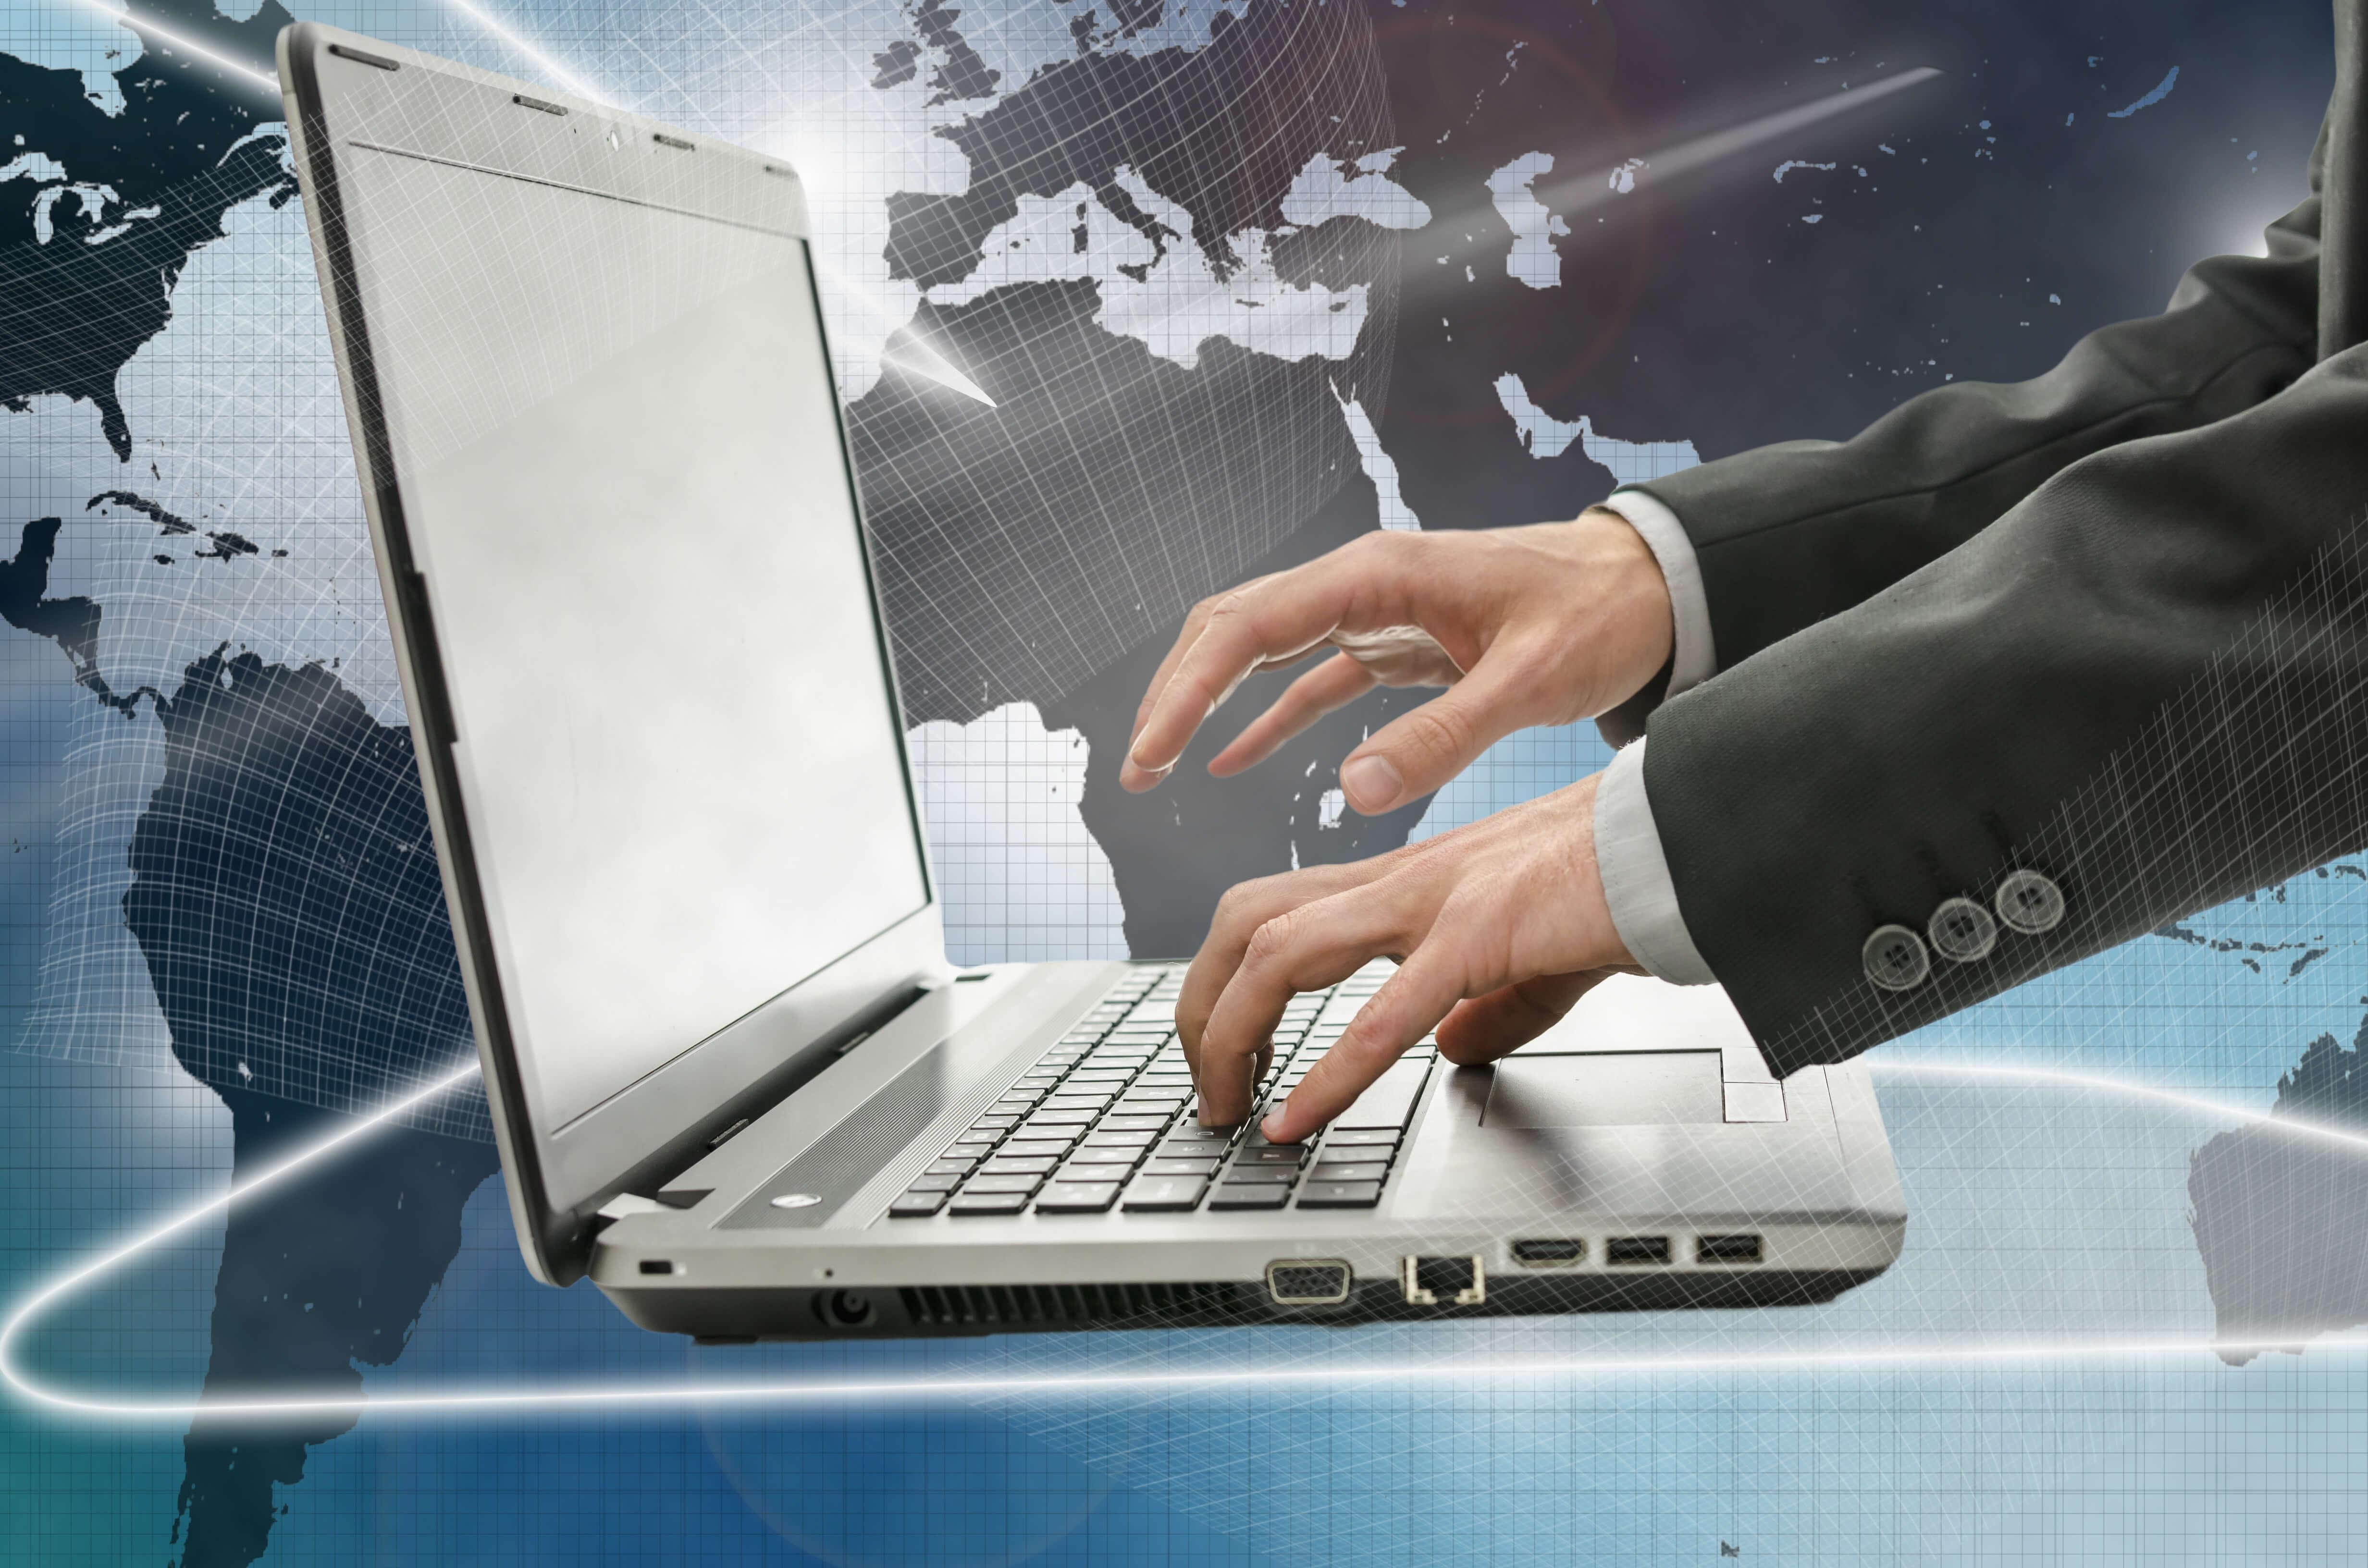 Секс услуги в интернете